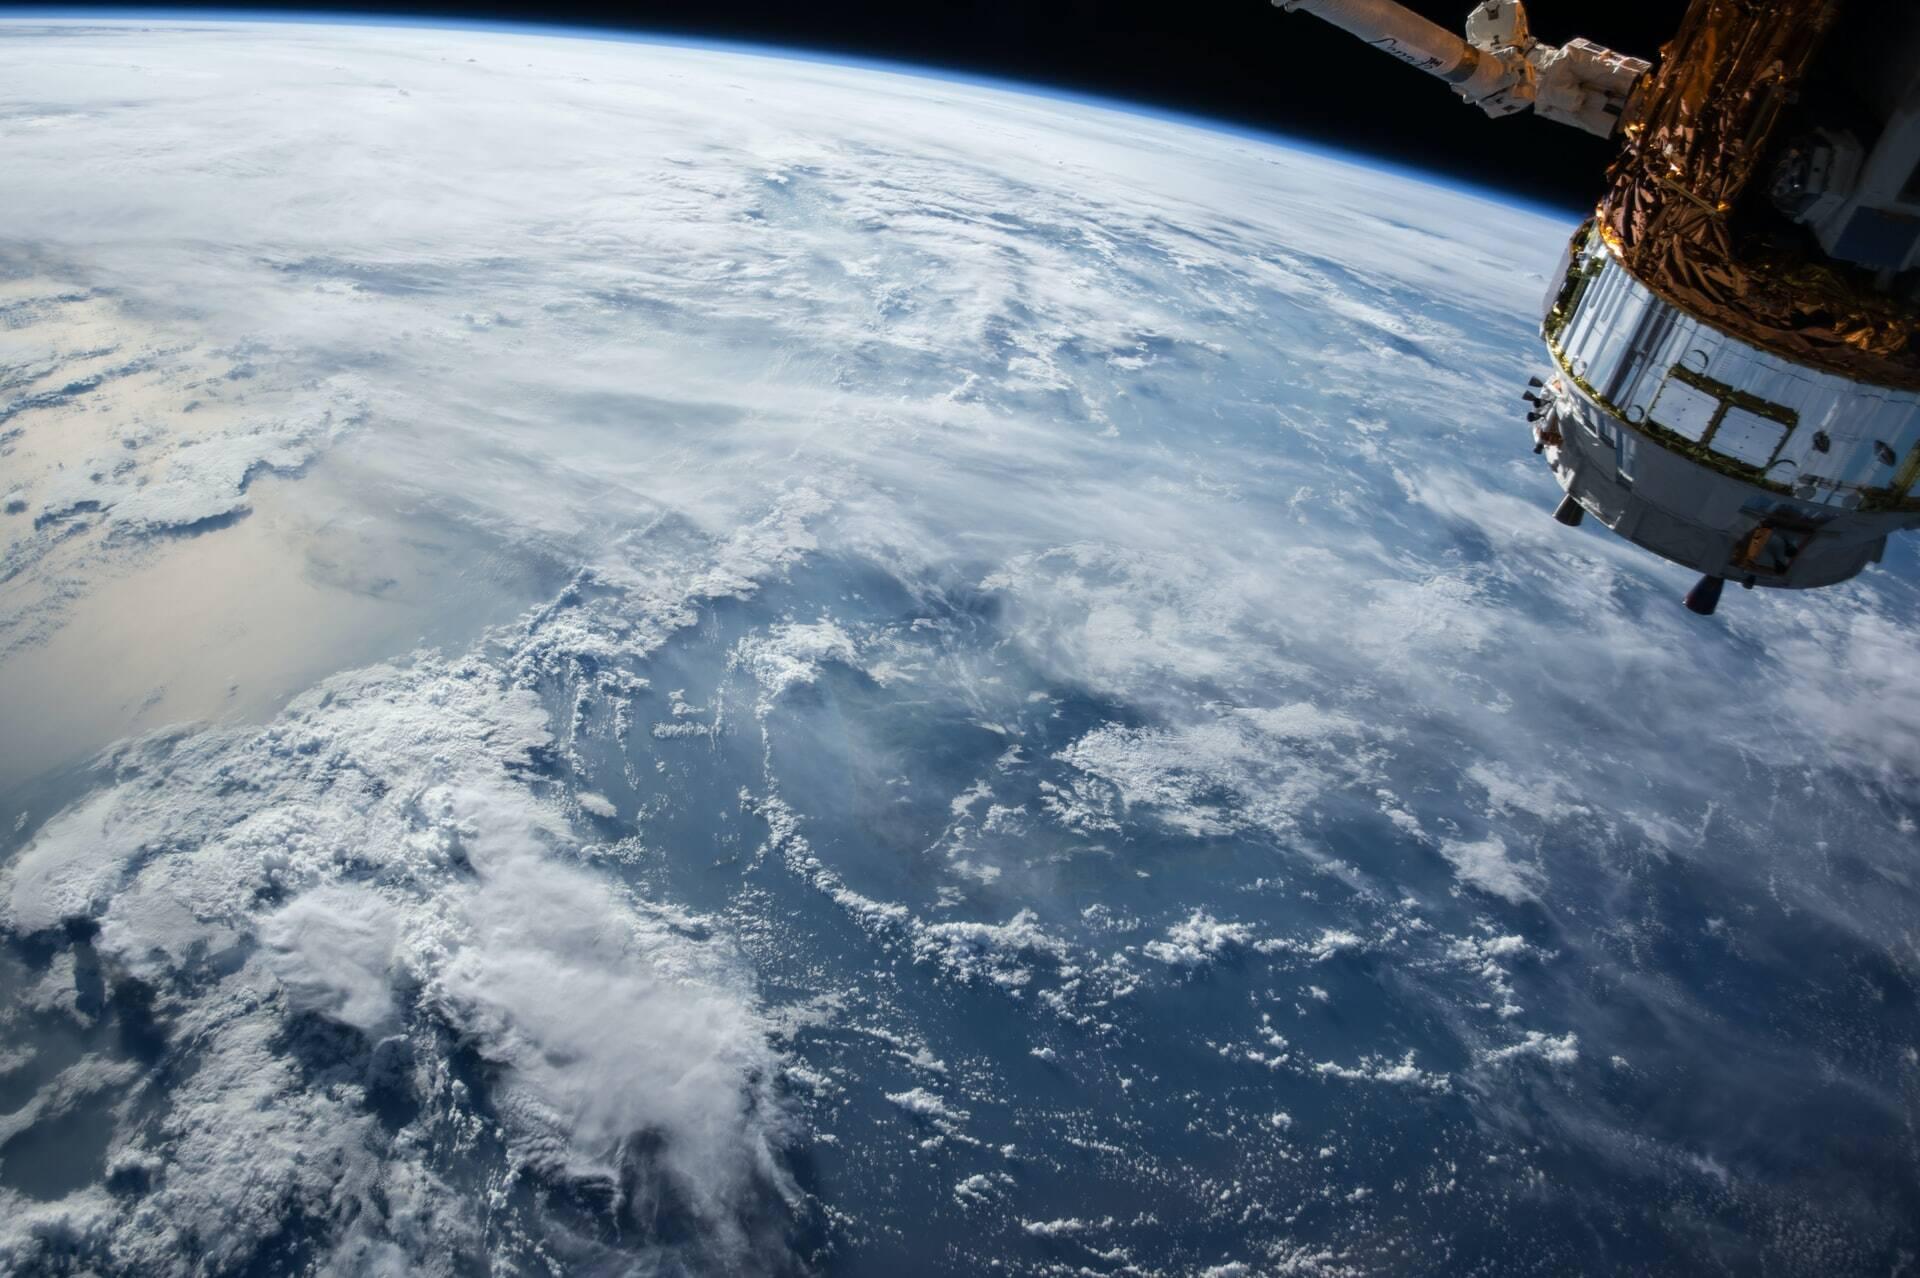 Jeff Bezos, seu irmão e dois convidados subiram para o espaço em um voo que durou 10 minutos e 11 segundos, entre ida e volta para a Terra. (Foto: Unsplash)